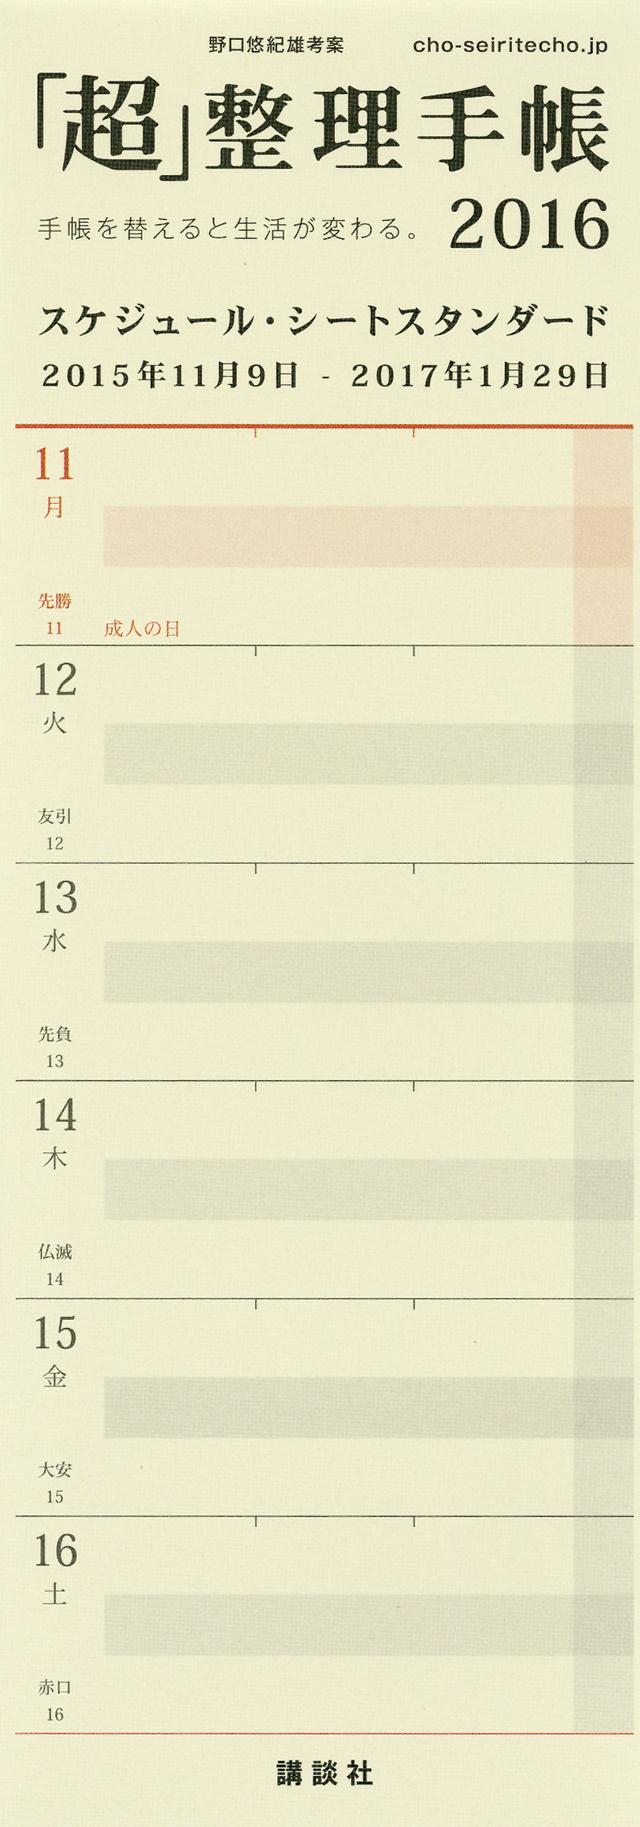 「超」整理手帳 スケジュール・シート スタンダード2016